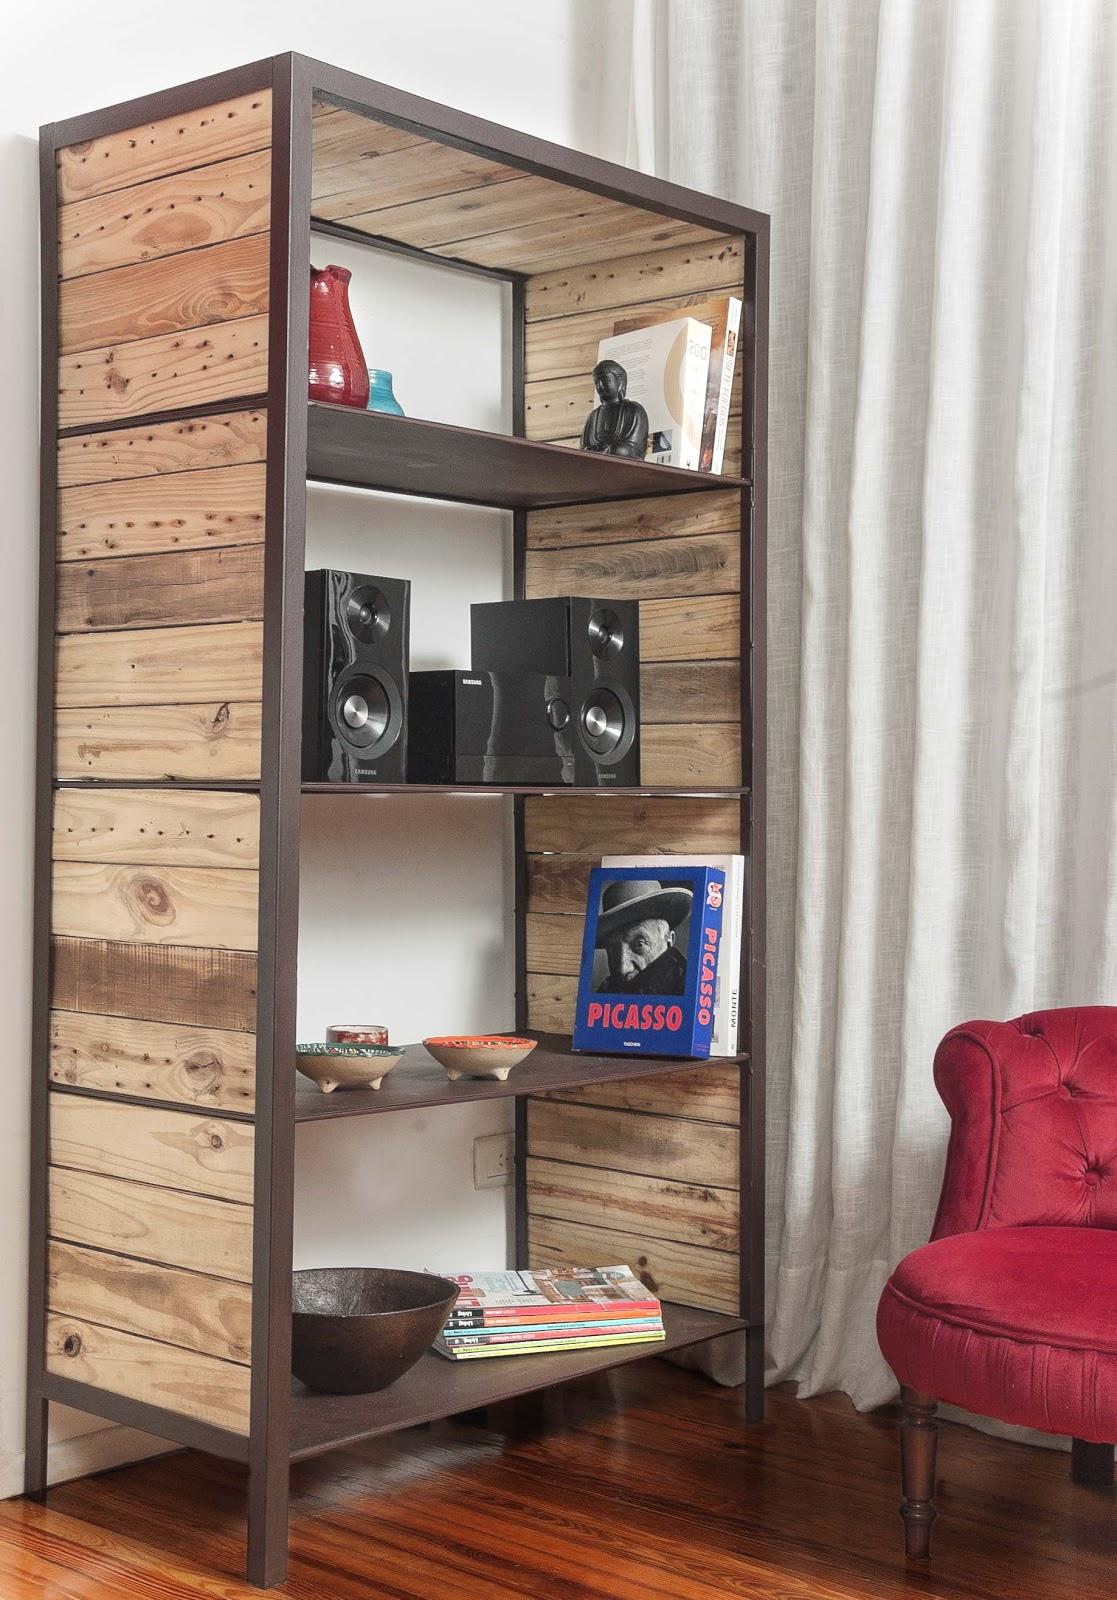 M s de 1000 ideas sobre mensulas para estantes en pinterest taburetes dise o de muebles y - Mensulas para estantes ...